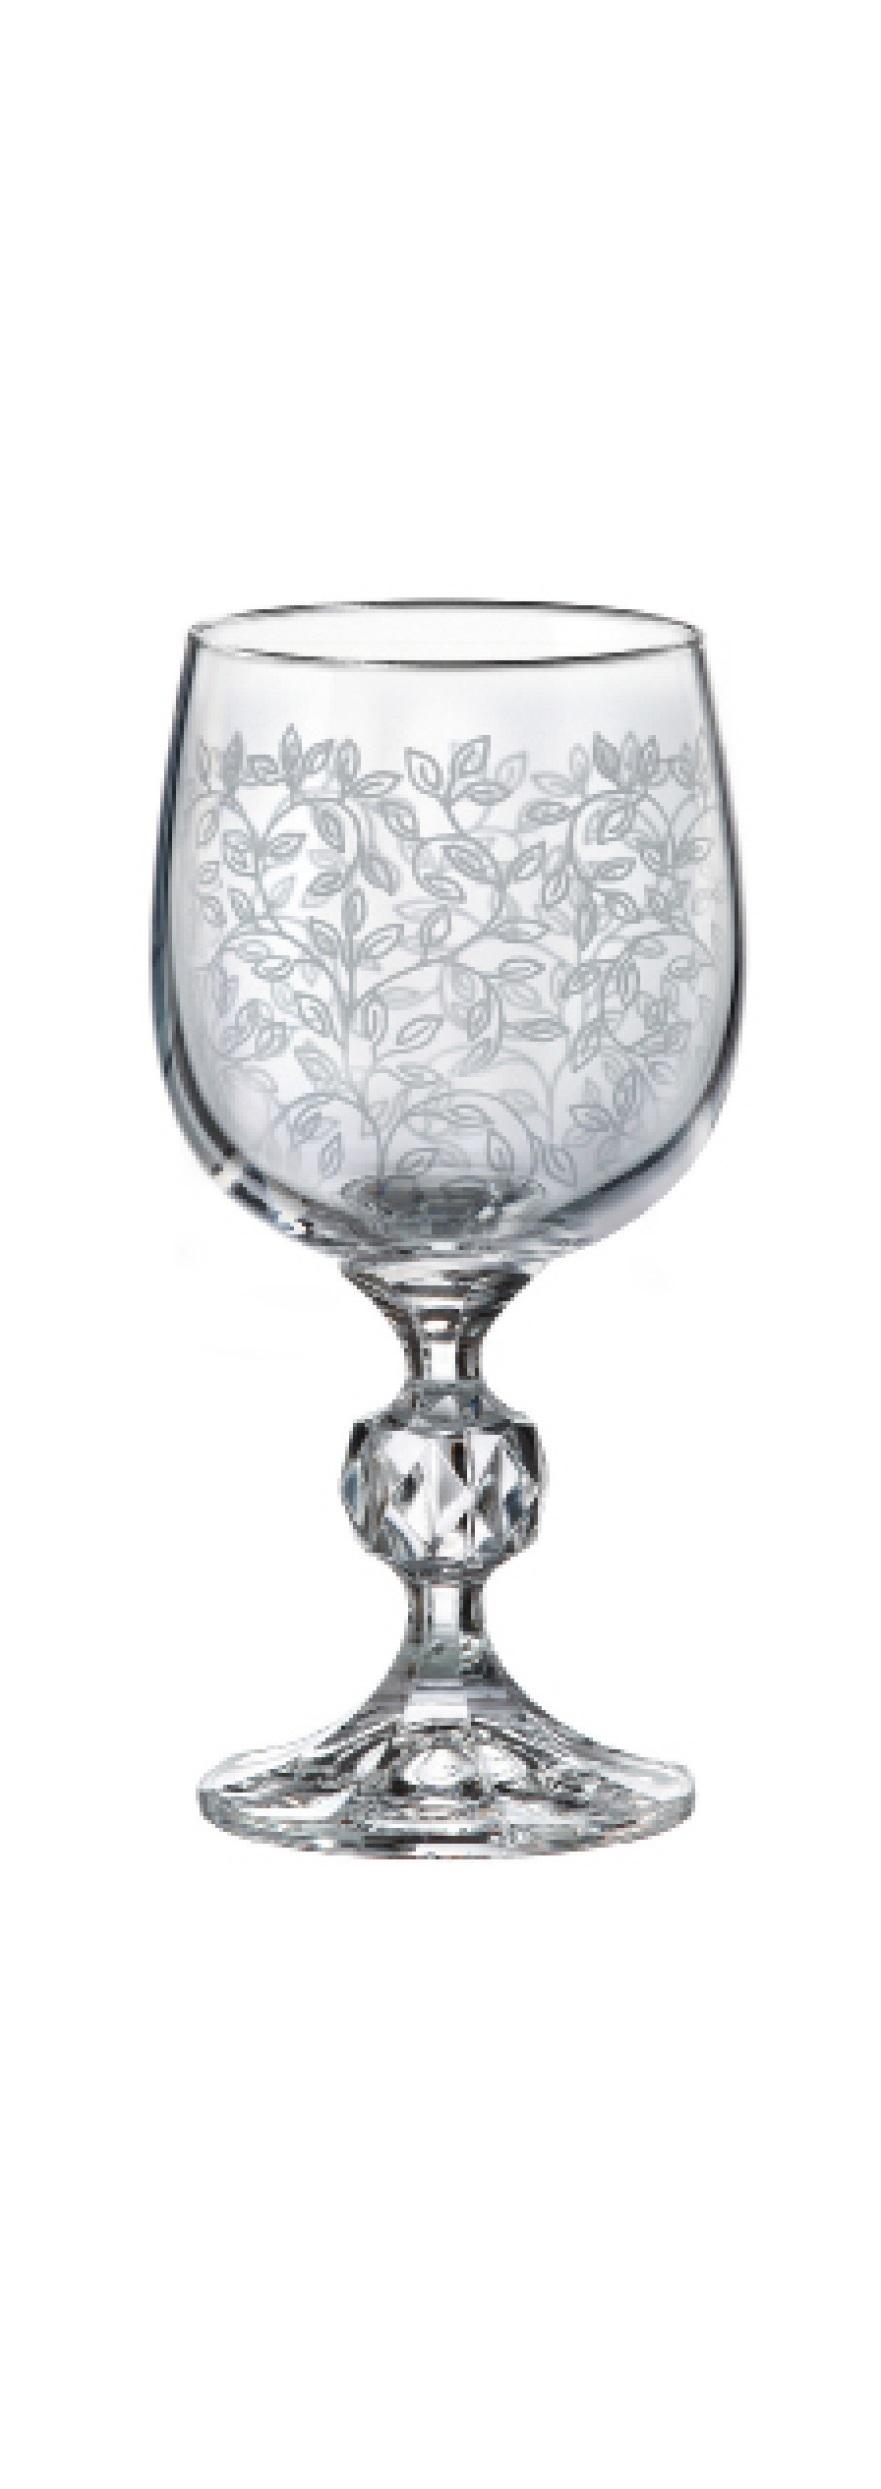 כוס קריסטל STERNA כסף 230 ששיה